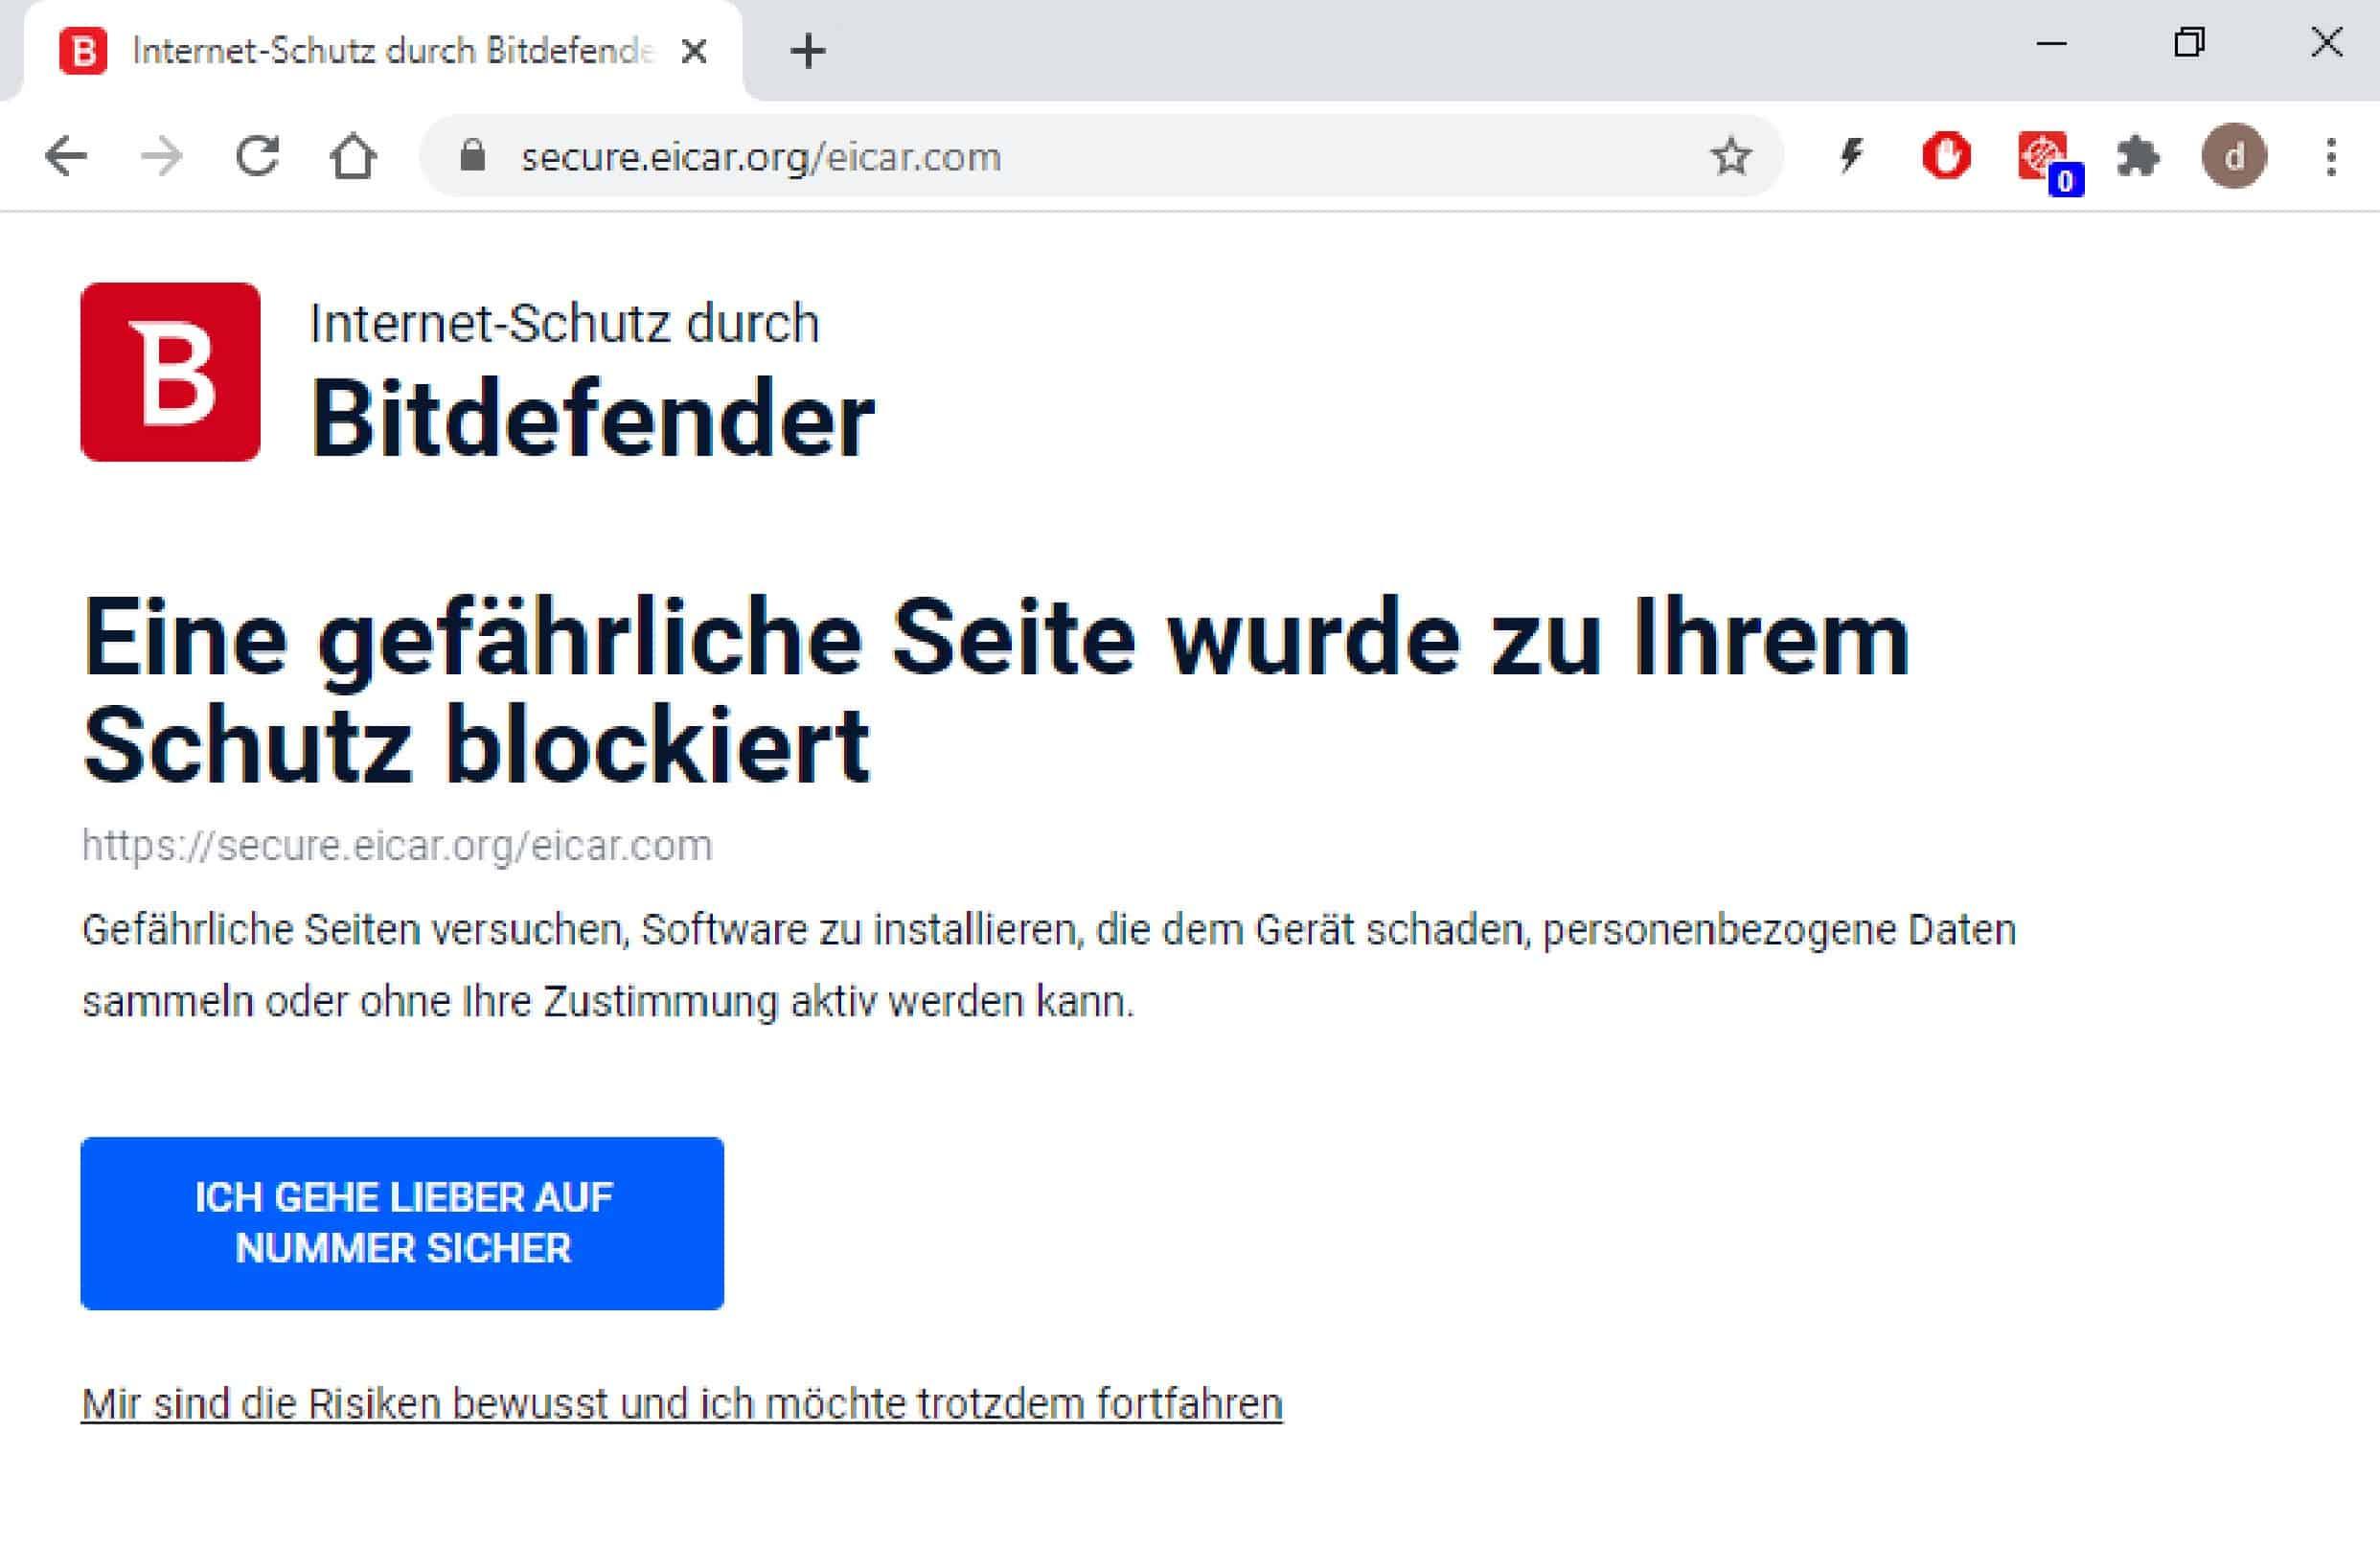 Bitdefender_Meldung Seite